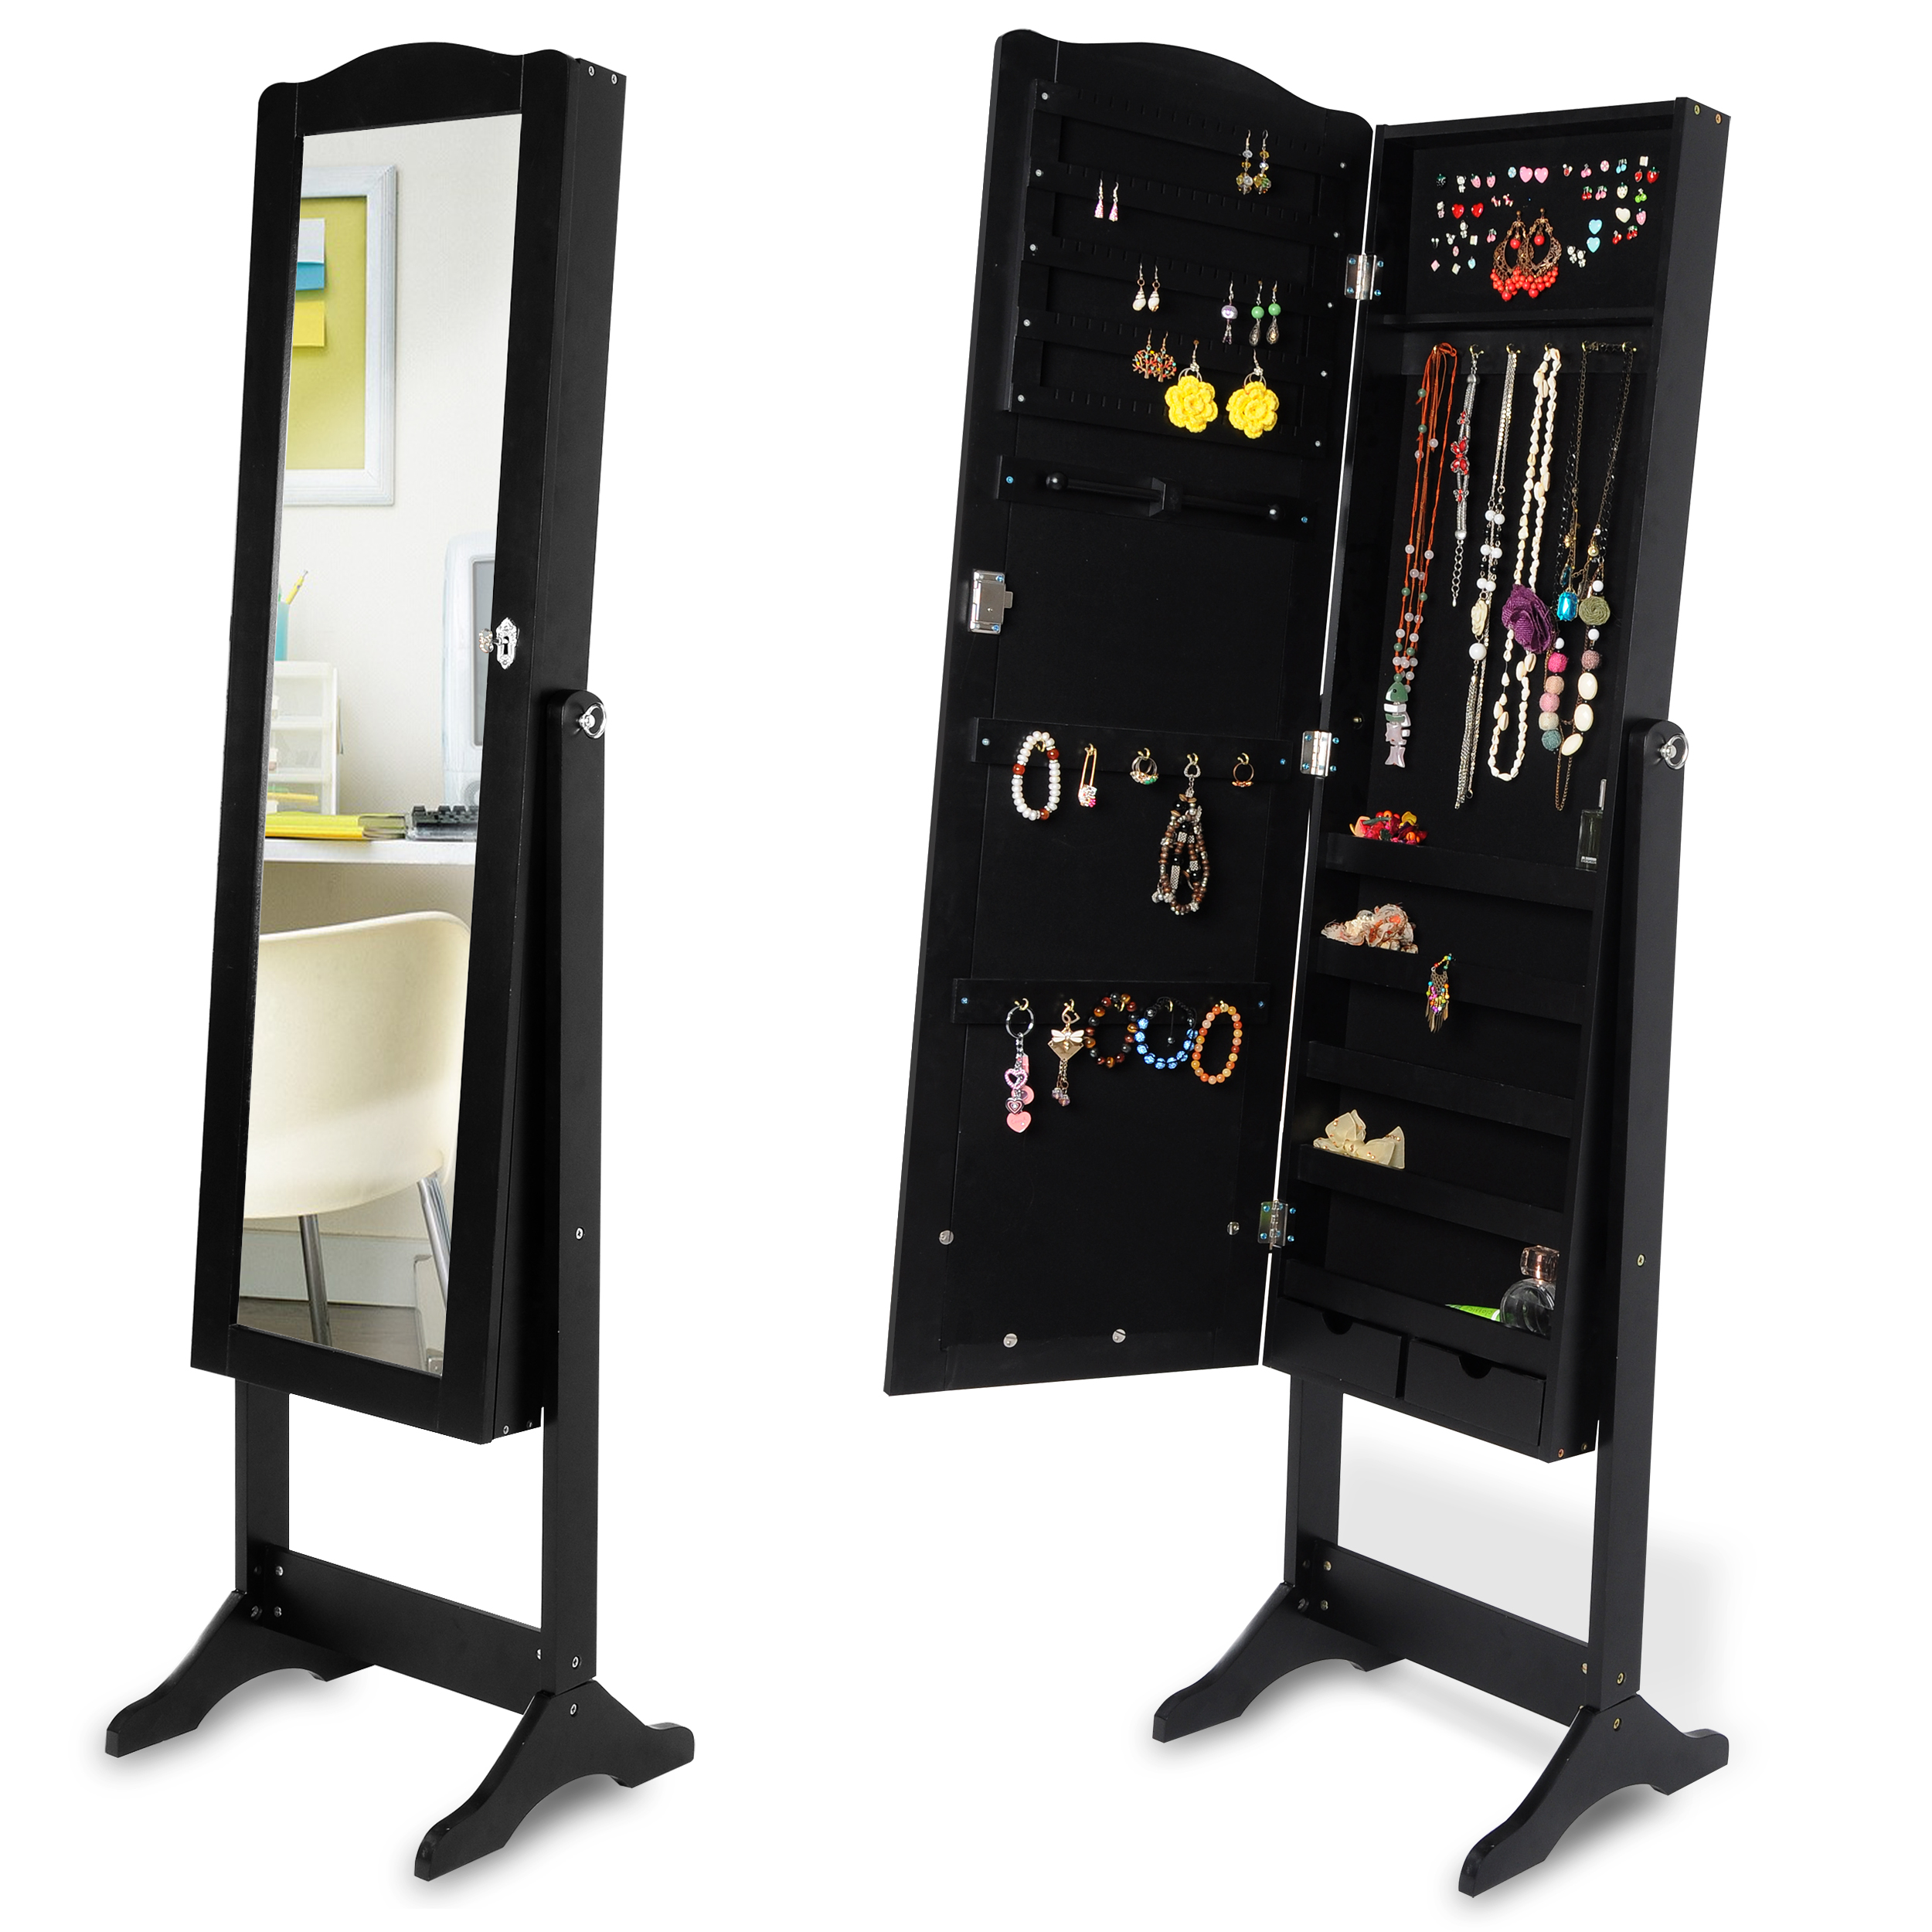 schmuckschrank standspiegel schmuckkasten spiegelschrank. Black Bedroom Furniture Sets. Home Design Ideas